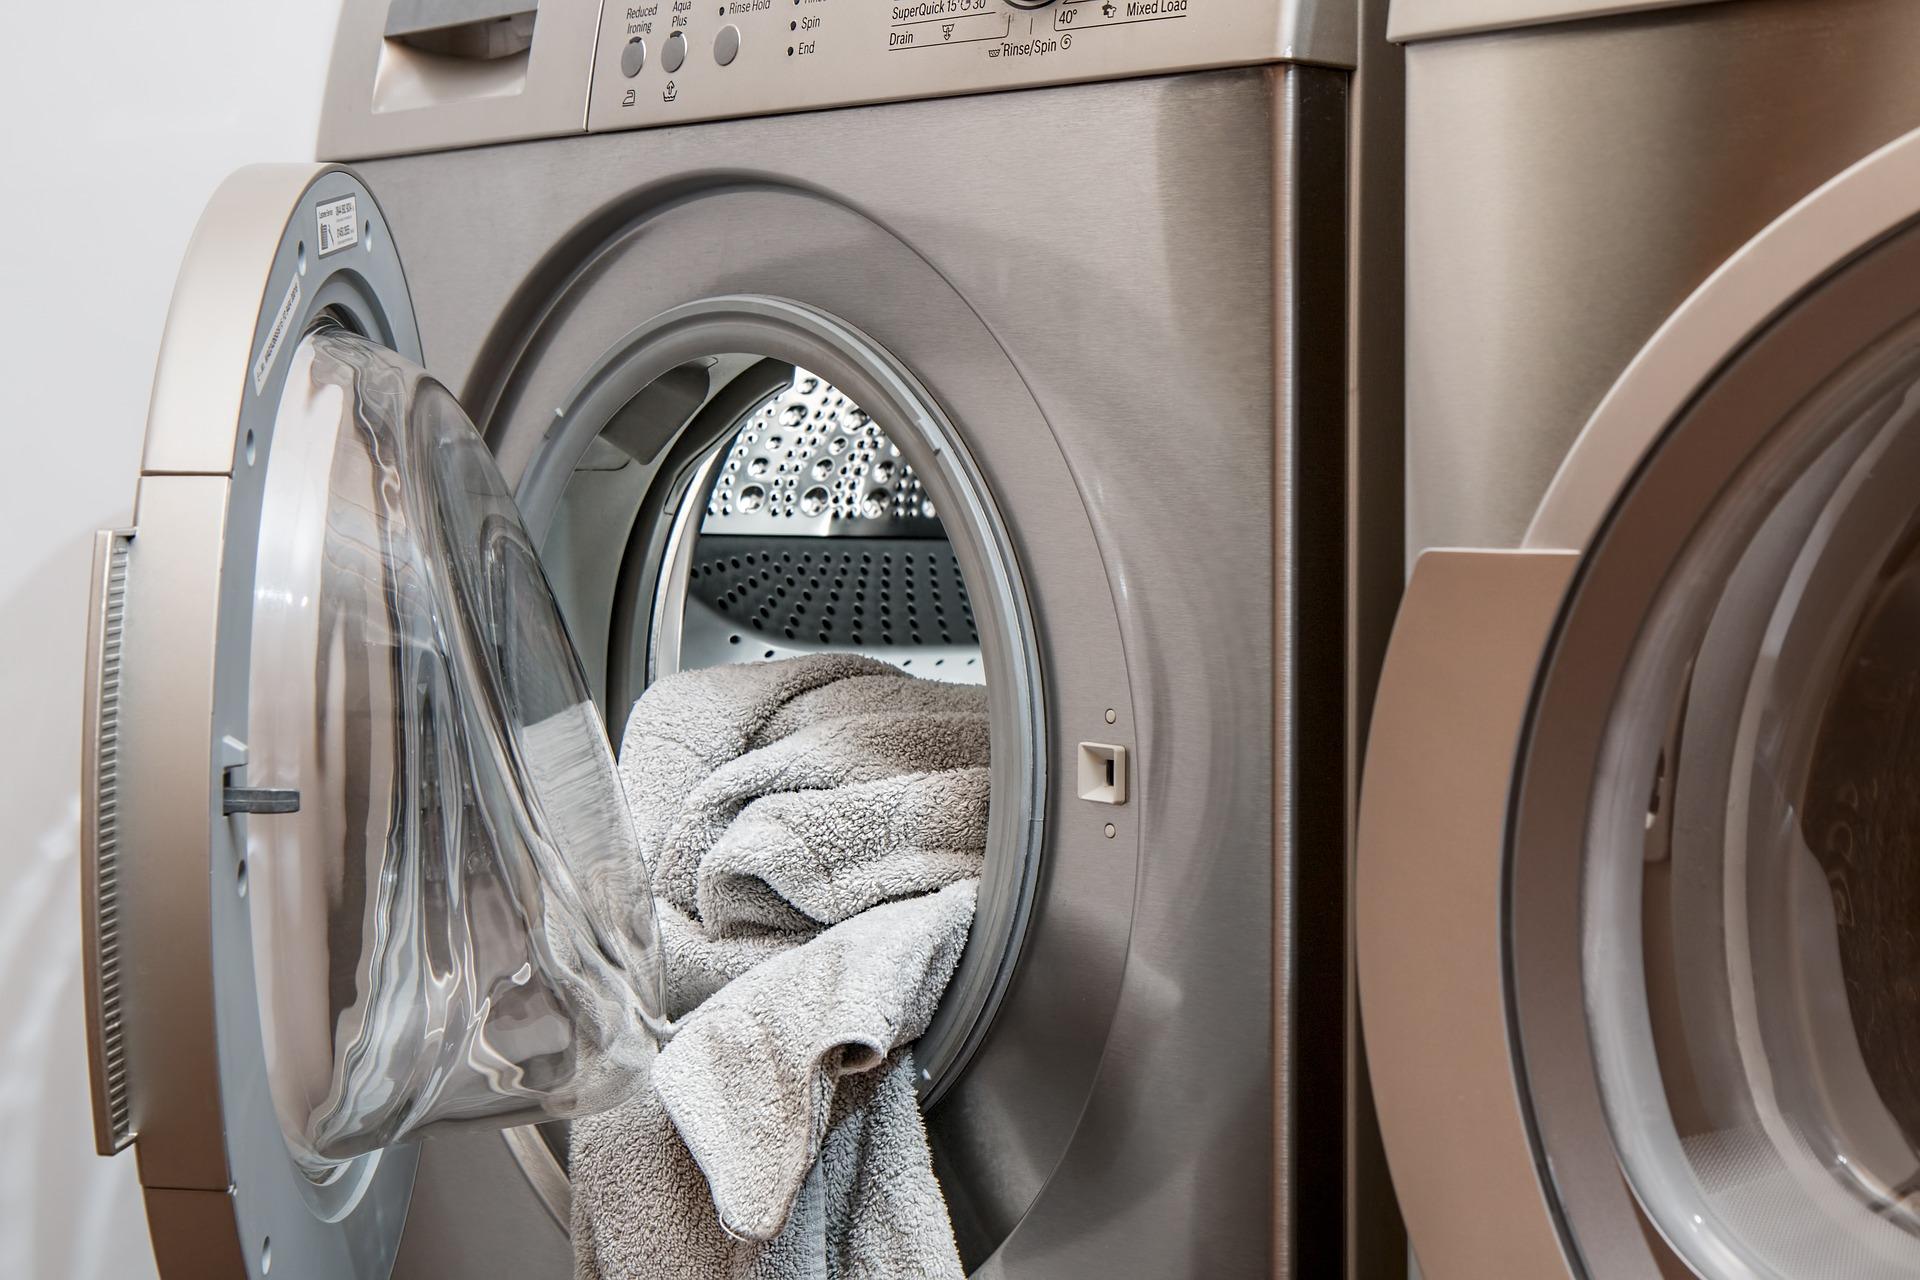 Limpia la goma de tu lavadora con Washrocks